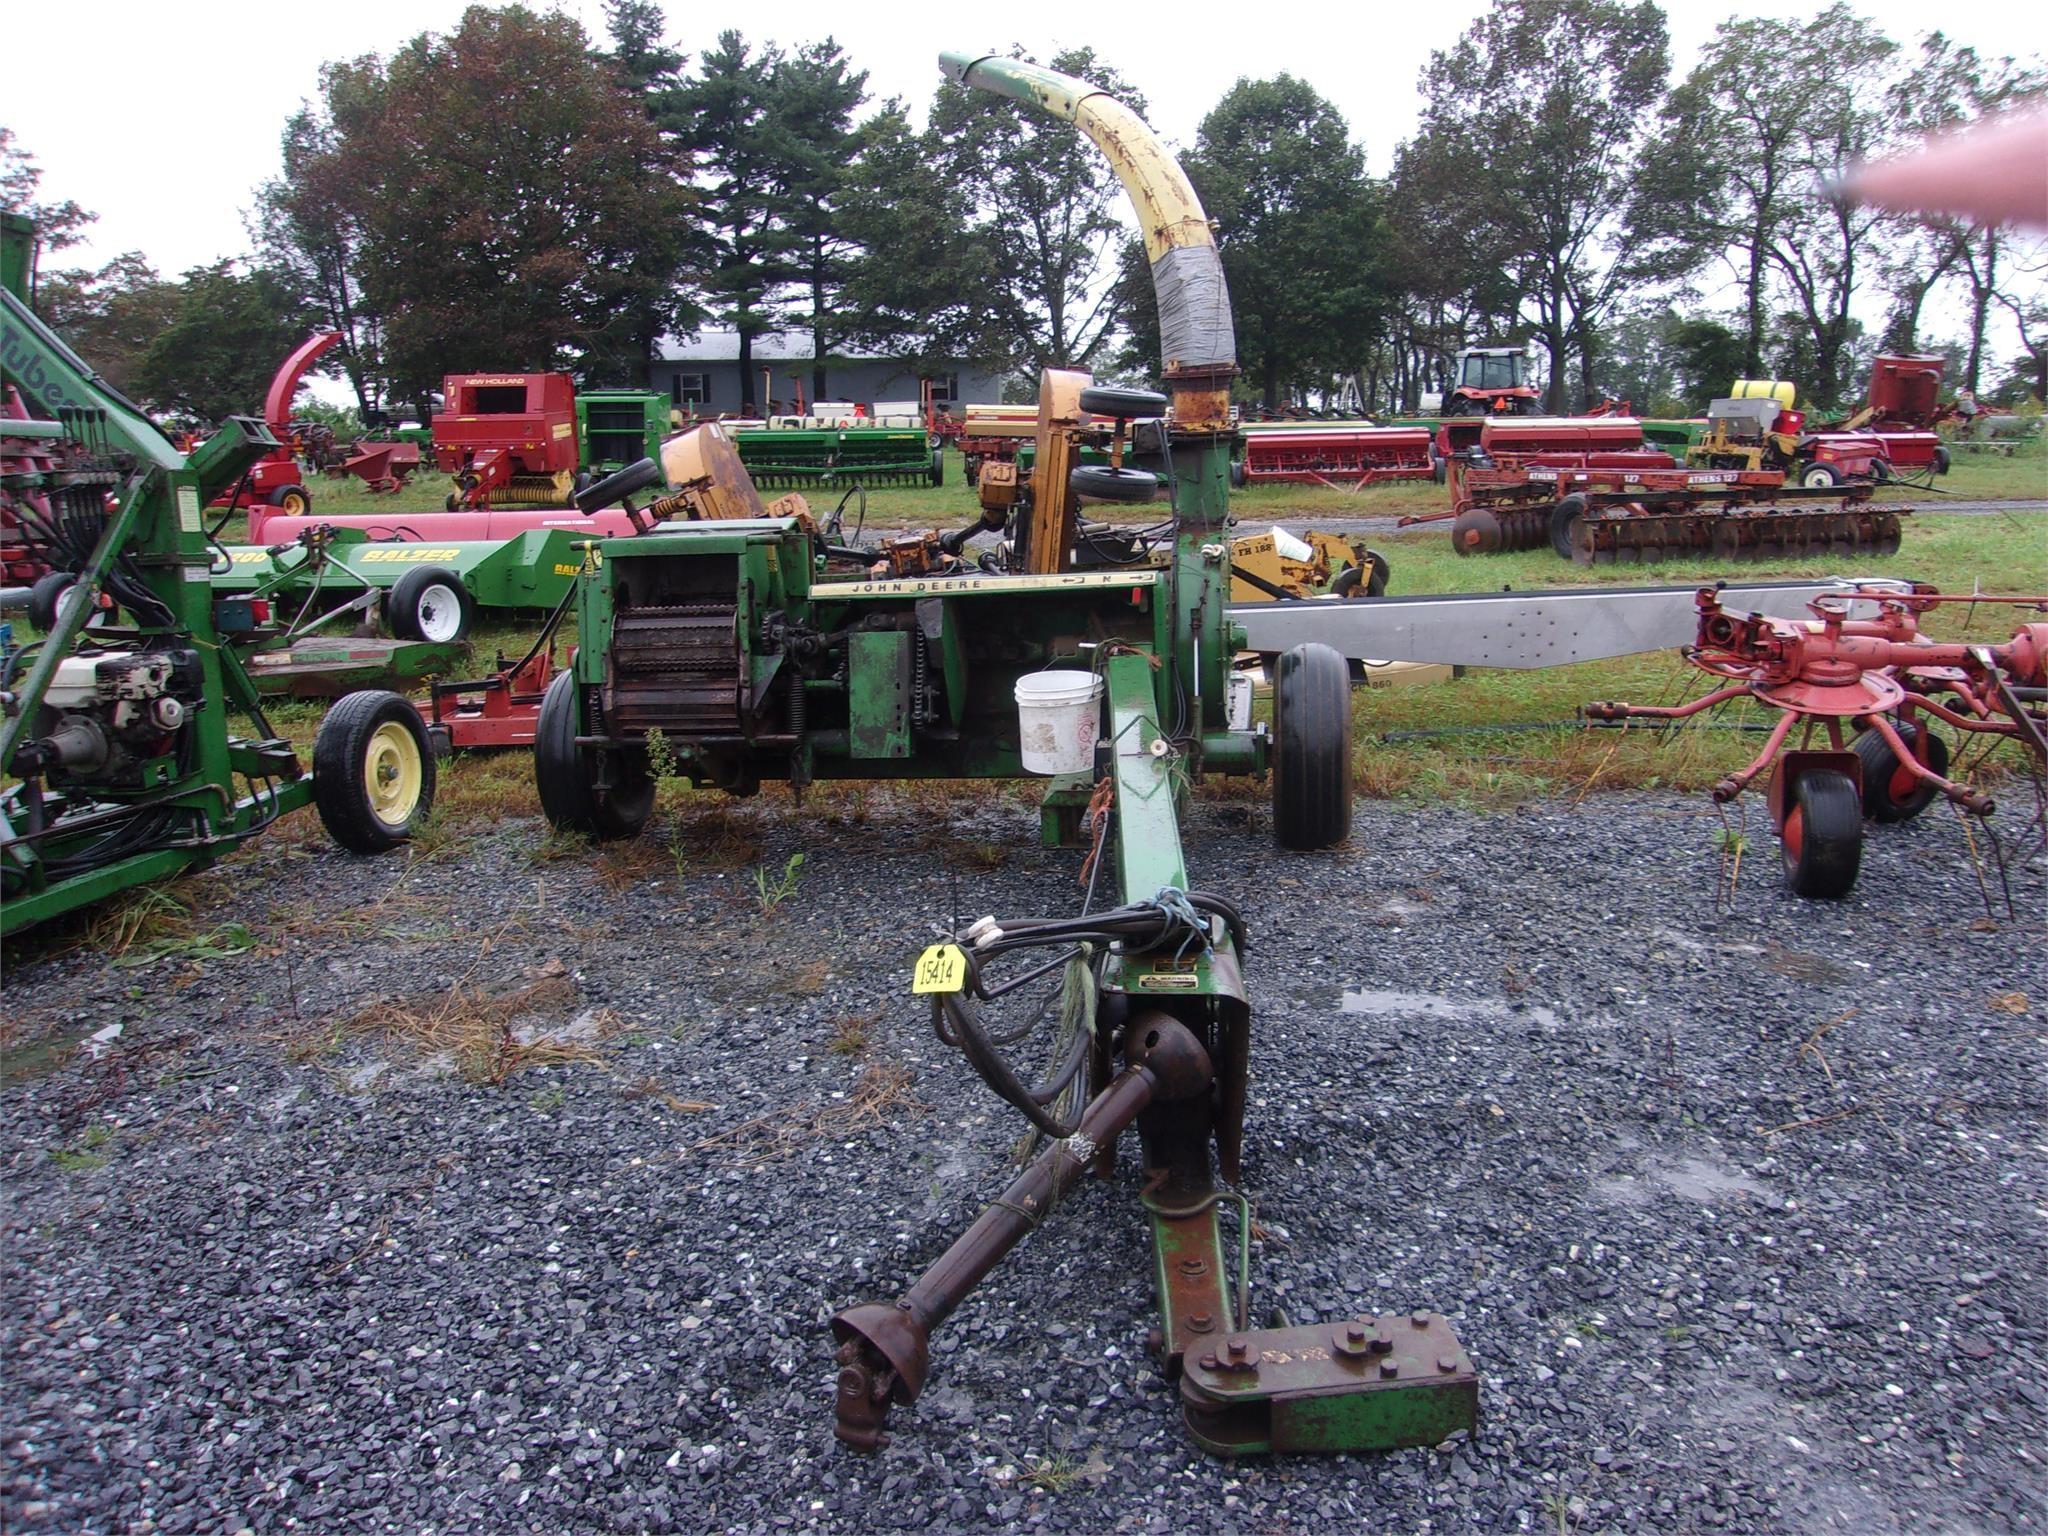 John Deere 3940 Pull-Type Forage Harvester